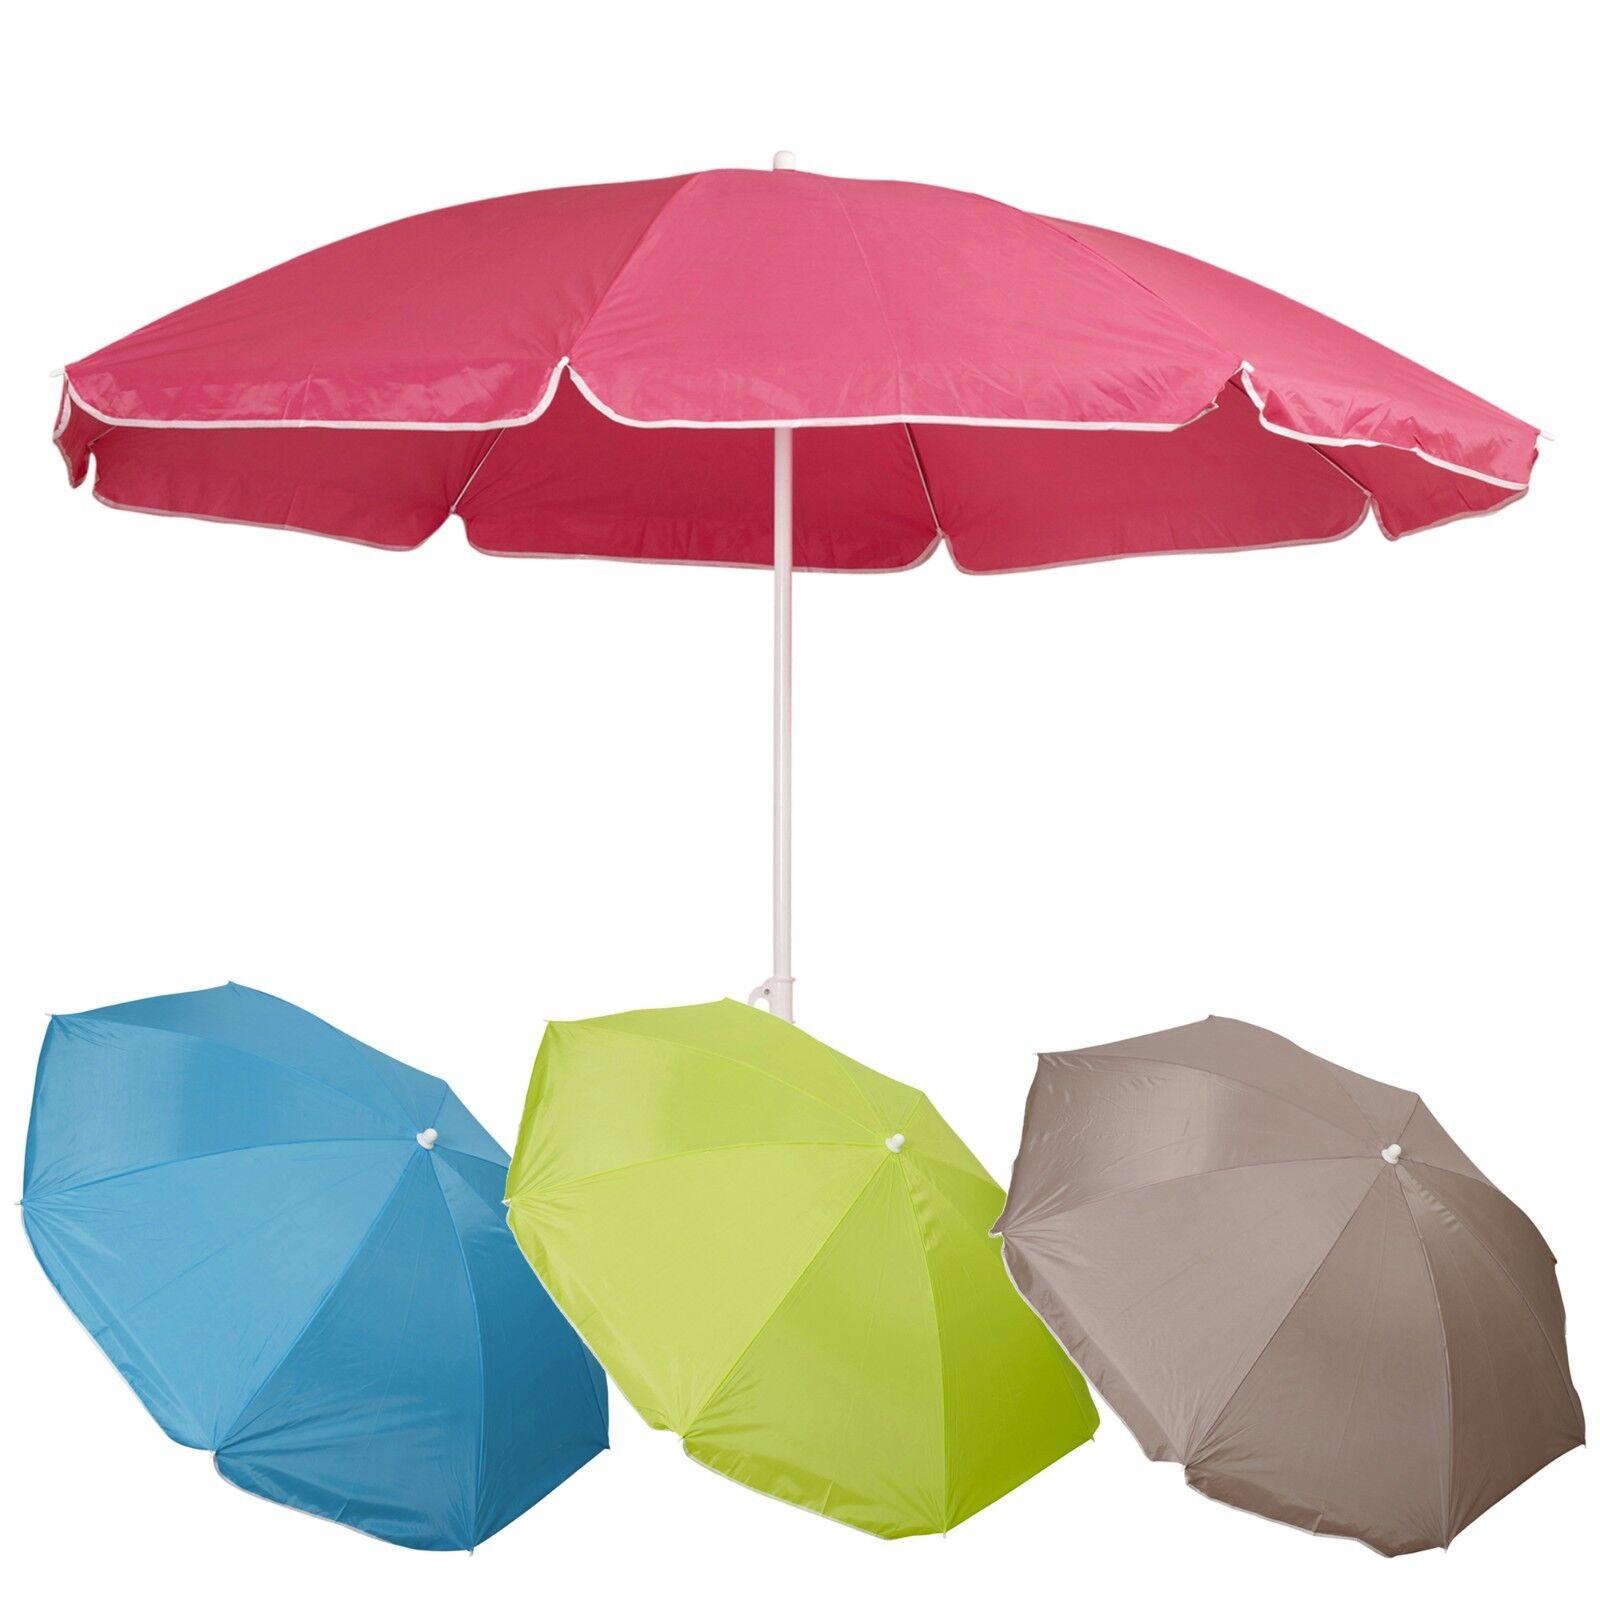 Garten Strand Liegestuhl Sonnenschirm Regenschirm Stachel Sonne UV Schutz Schirm